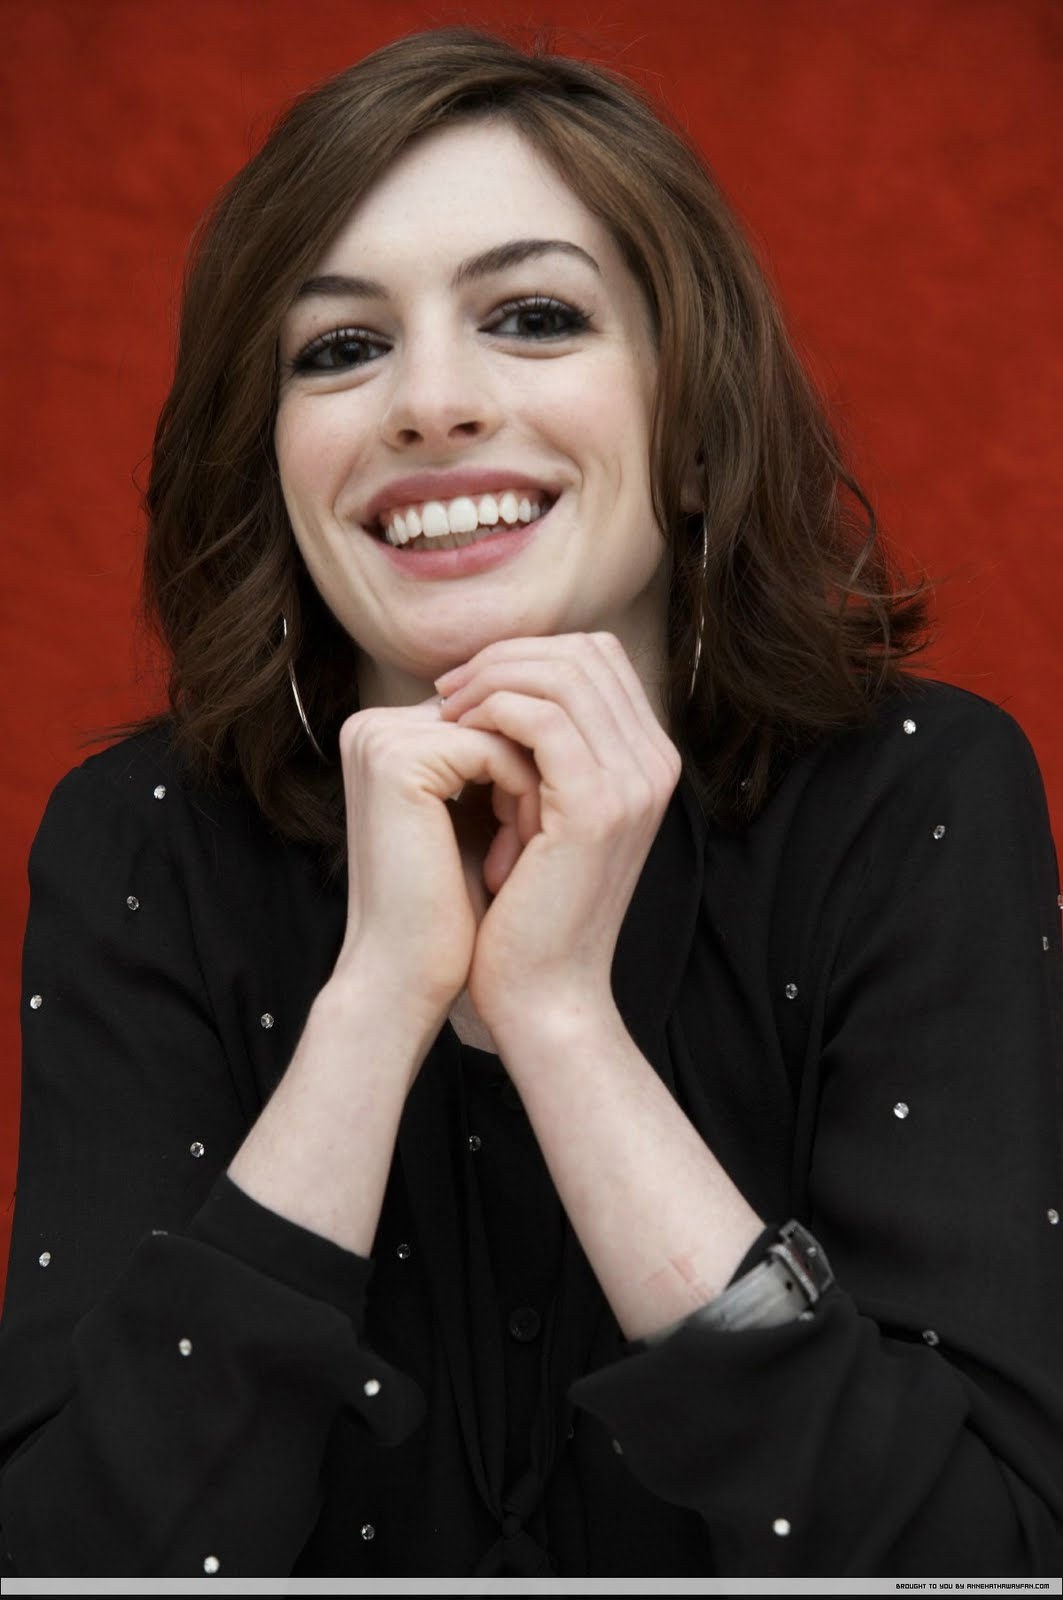 http://4.bp.blogspot.com/-5ETZX0Gwi1o/TlAMDqiDXII/AAAAAAAAAO4/z_lqrFULyp4/s1600/Anne-Hathaway-vedios-movies-pics-havoc-pictures-bio%20%281%29.jpg